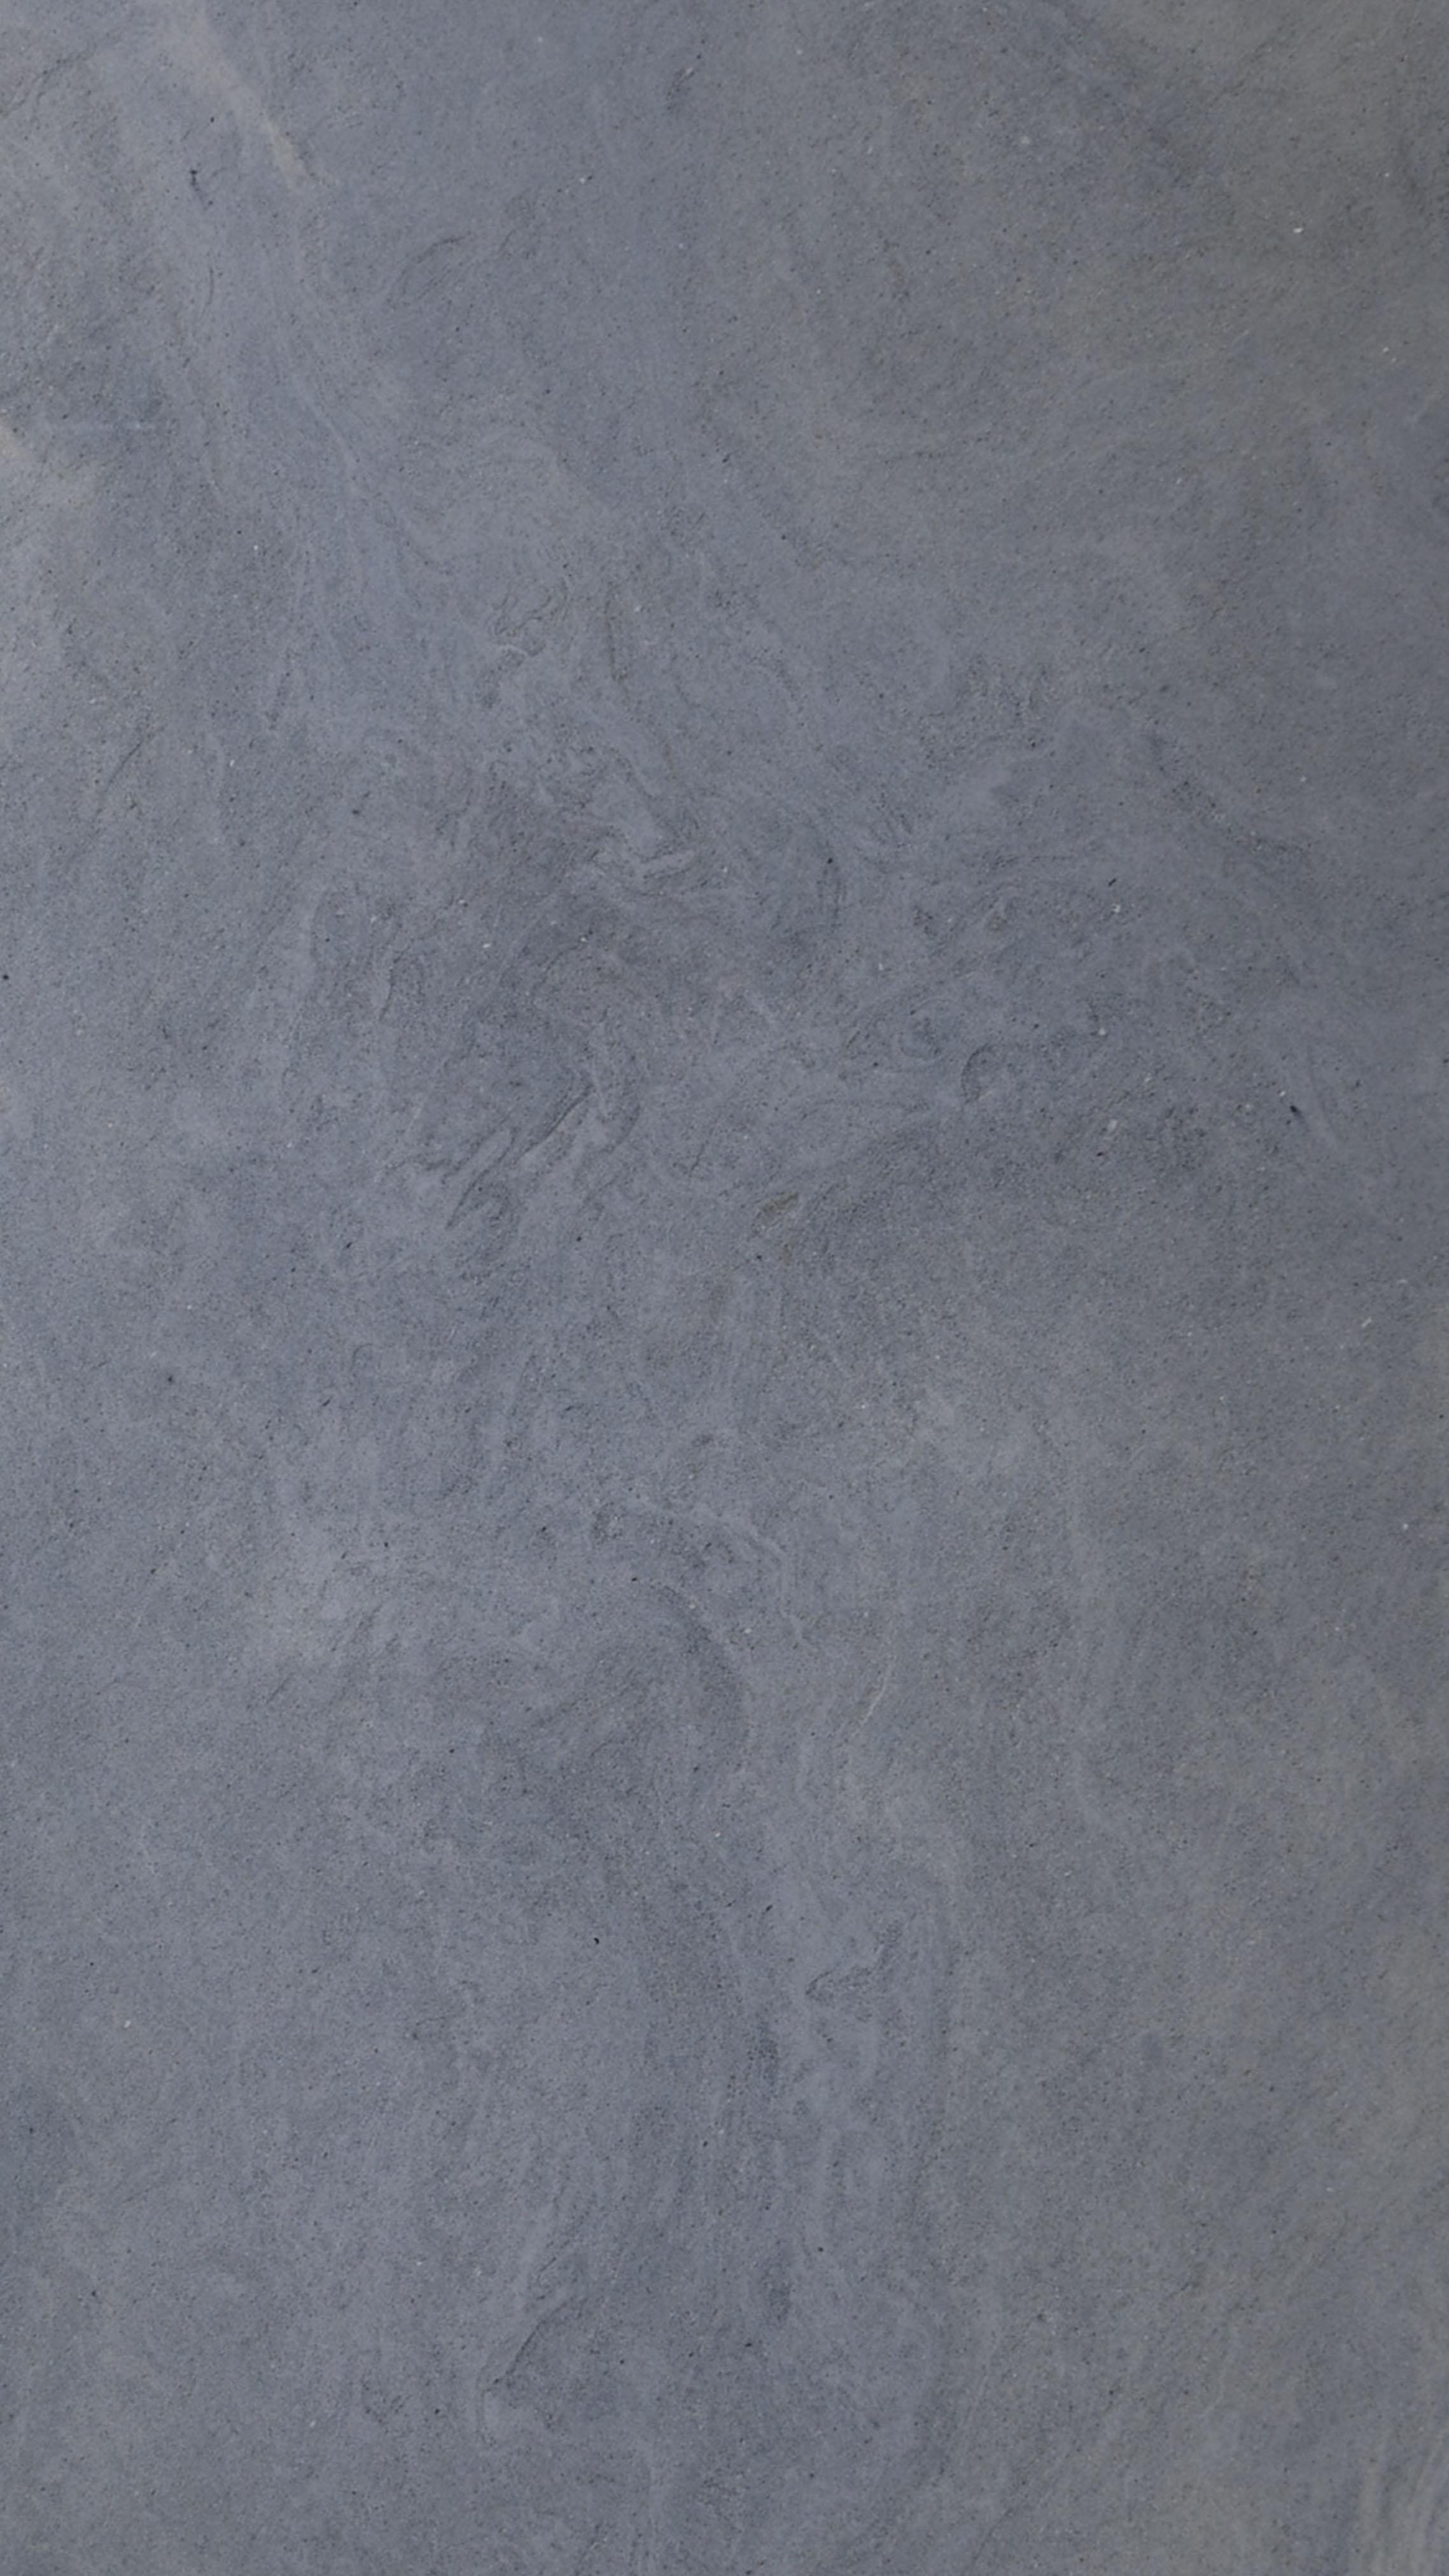 Savoie Quartzite